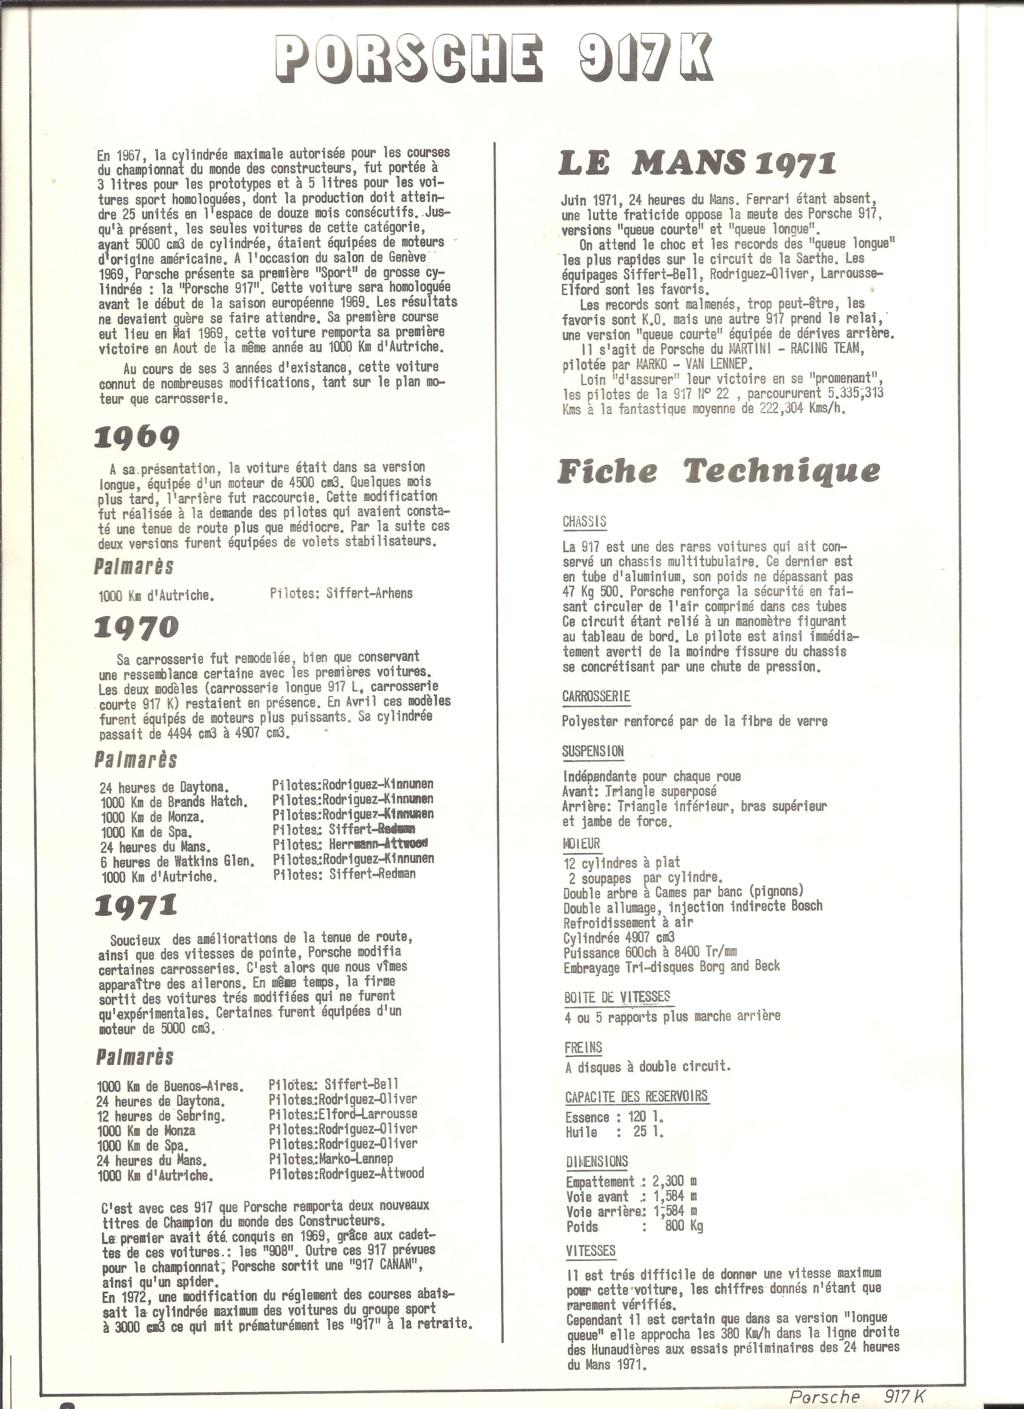 PORSCHE 917 K 1/24ème Réf L 742 Helle872